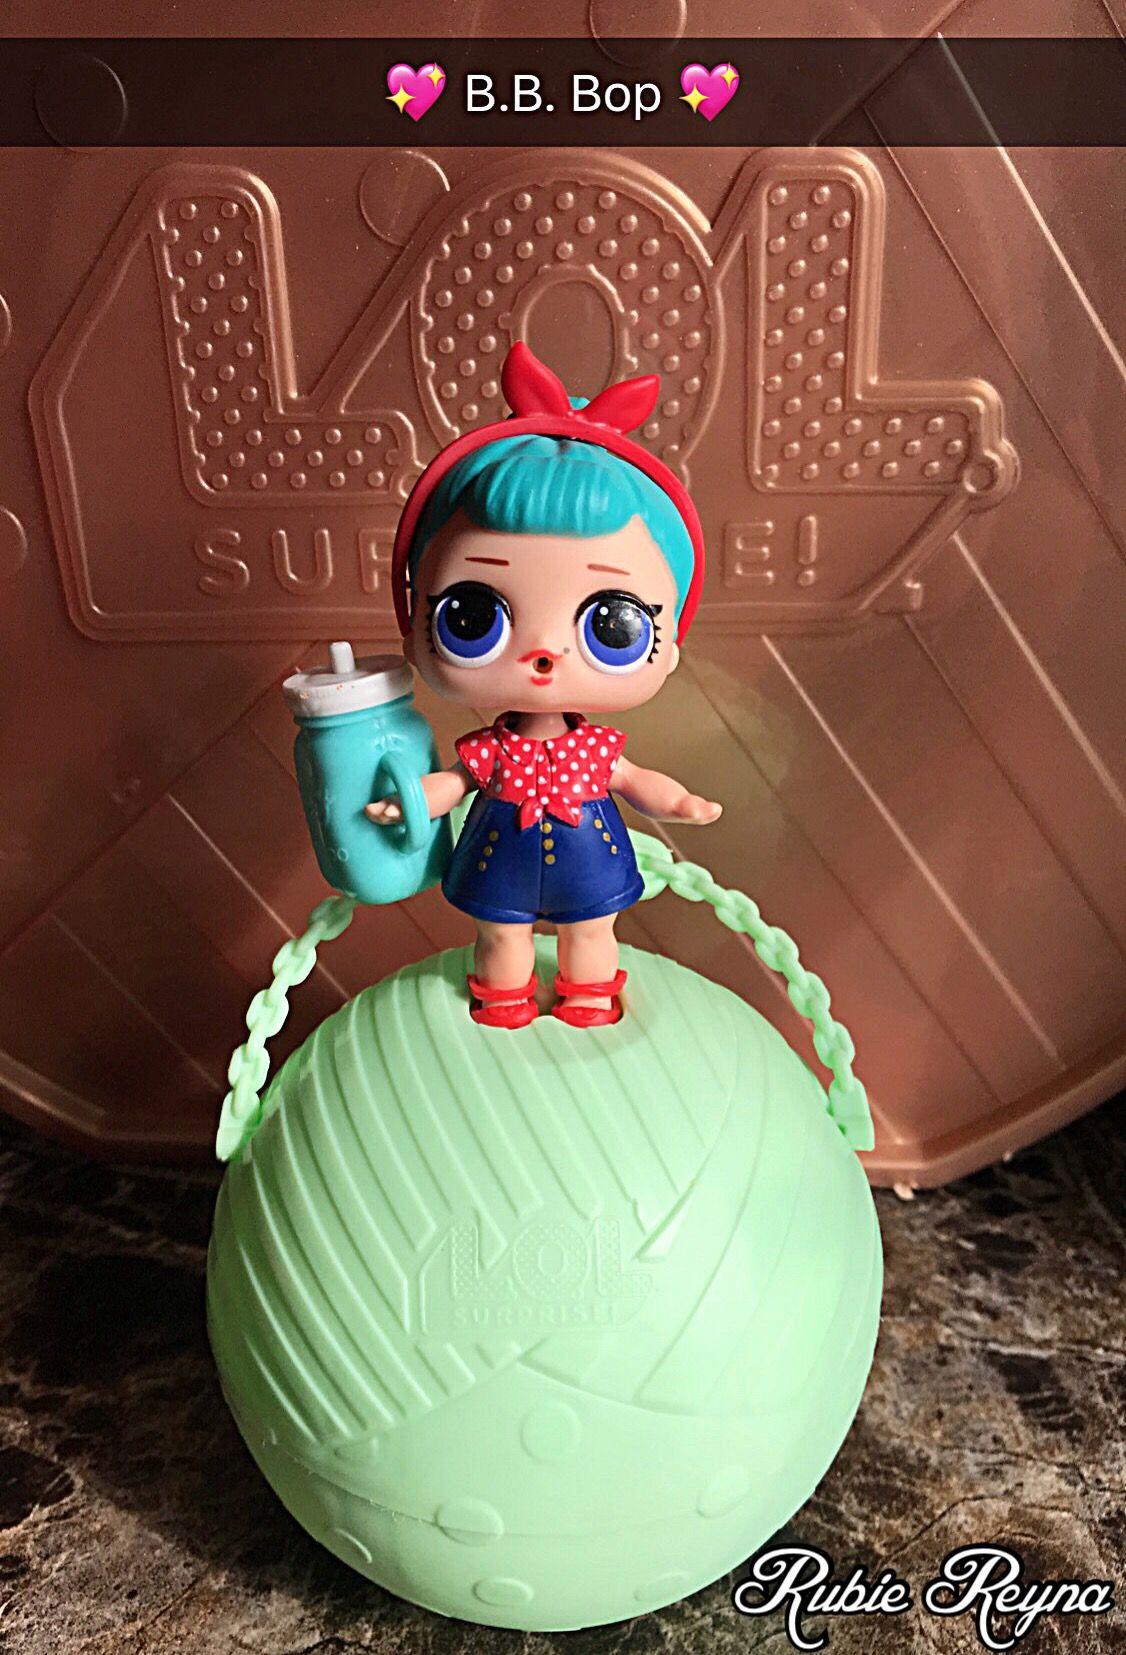 American Pie 5 Una Fiesta De Pelotas this is my daughter's lol doll. her name is b.b. bop & she